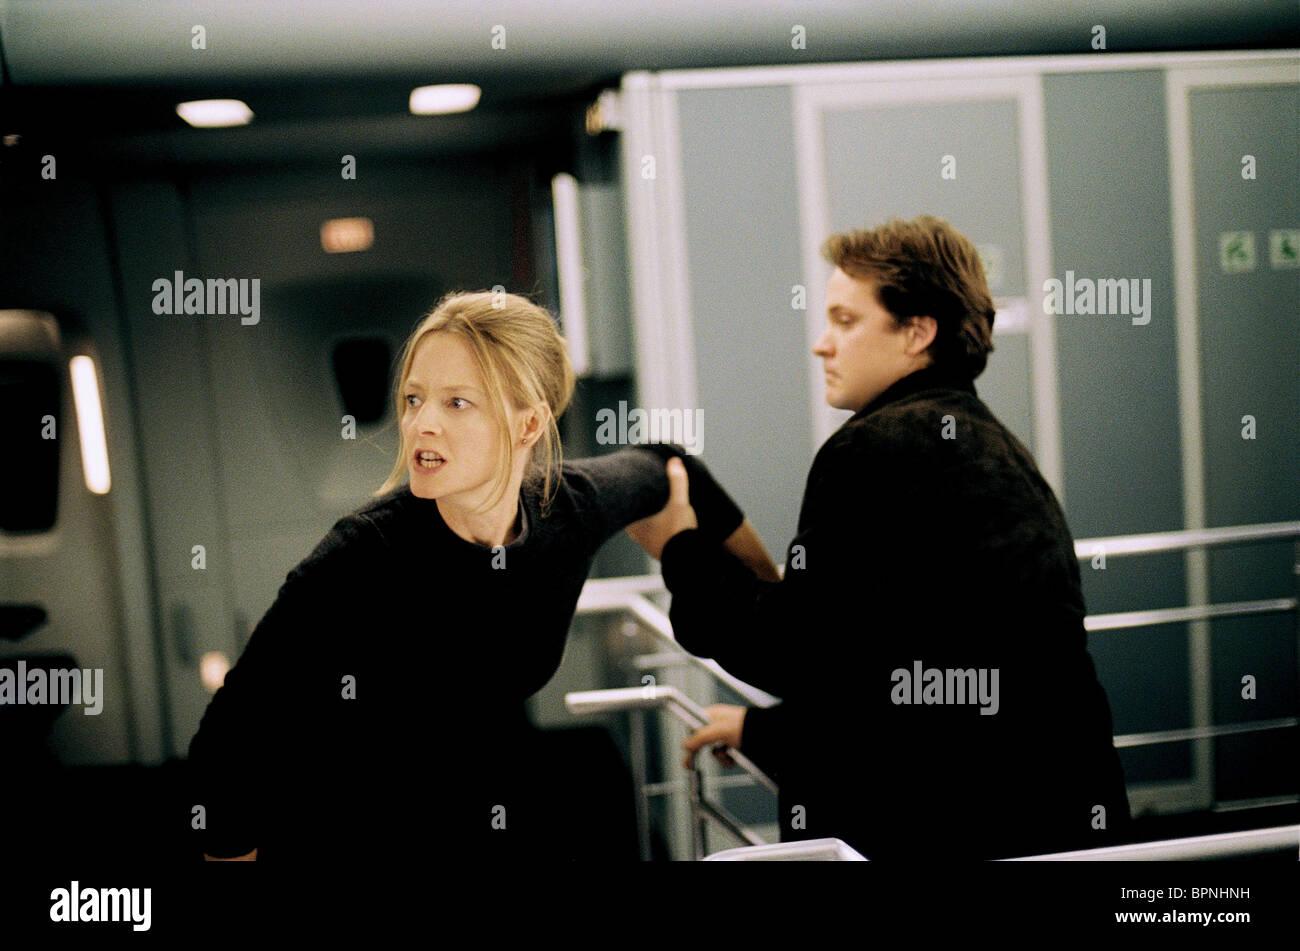 Jodie Foster Peter Sarsgaard Flightplan 2005 Stock Photo Alamy